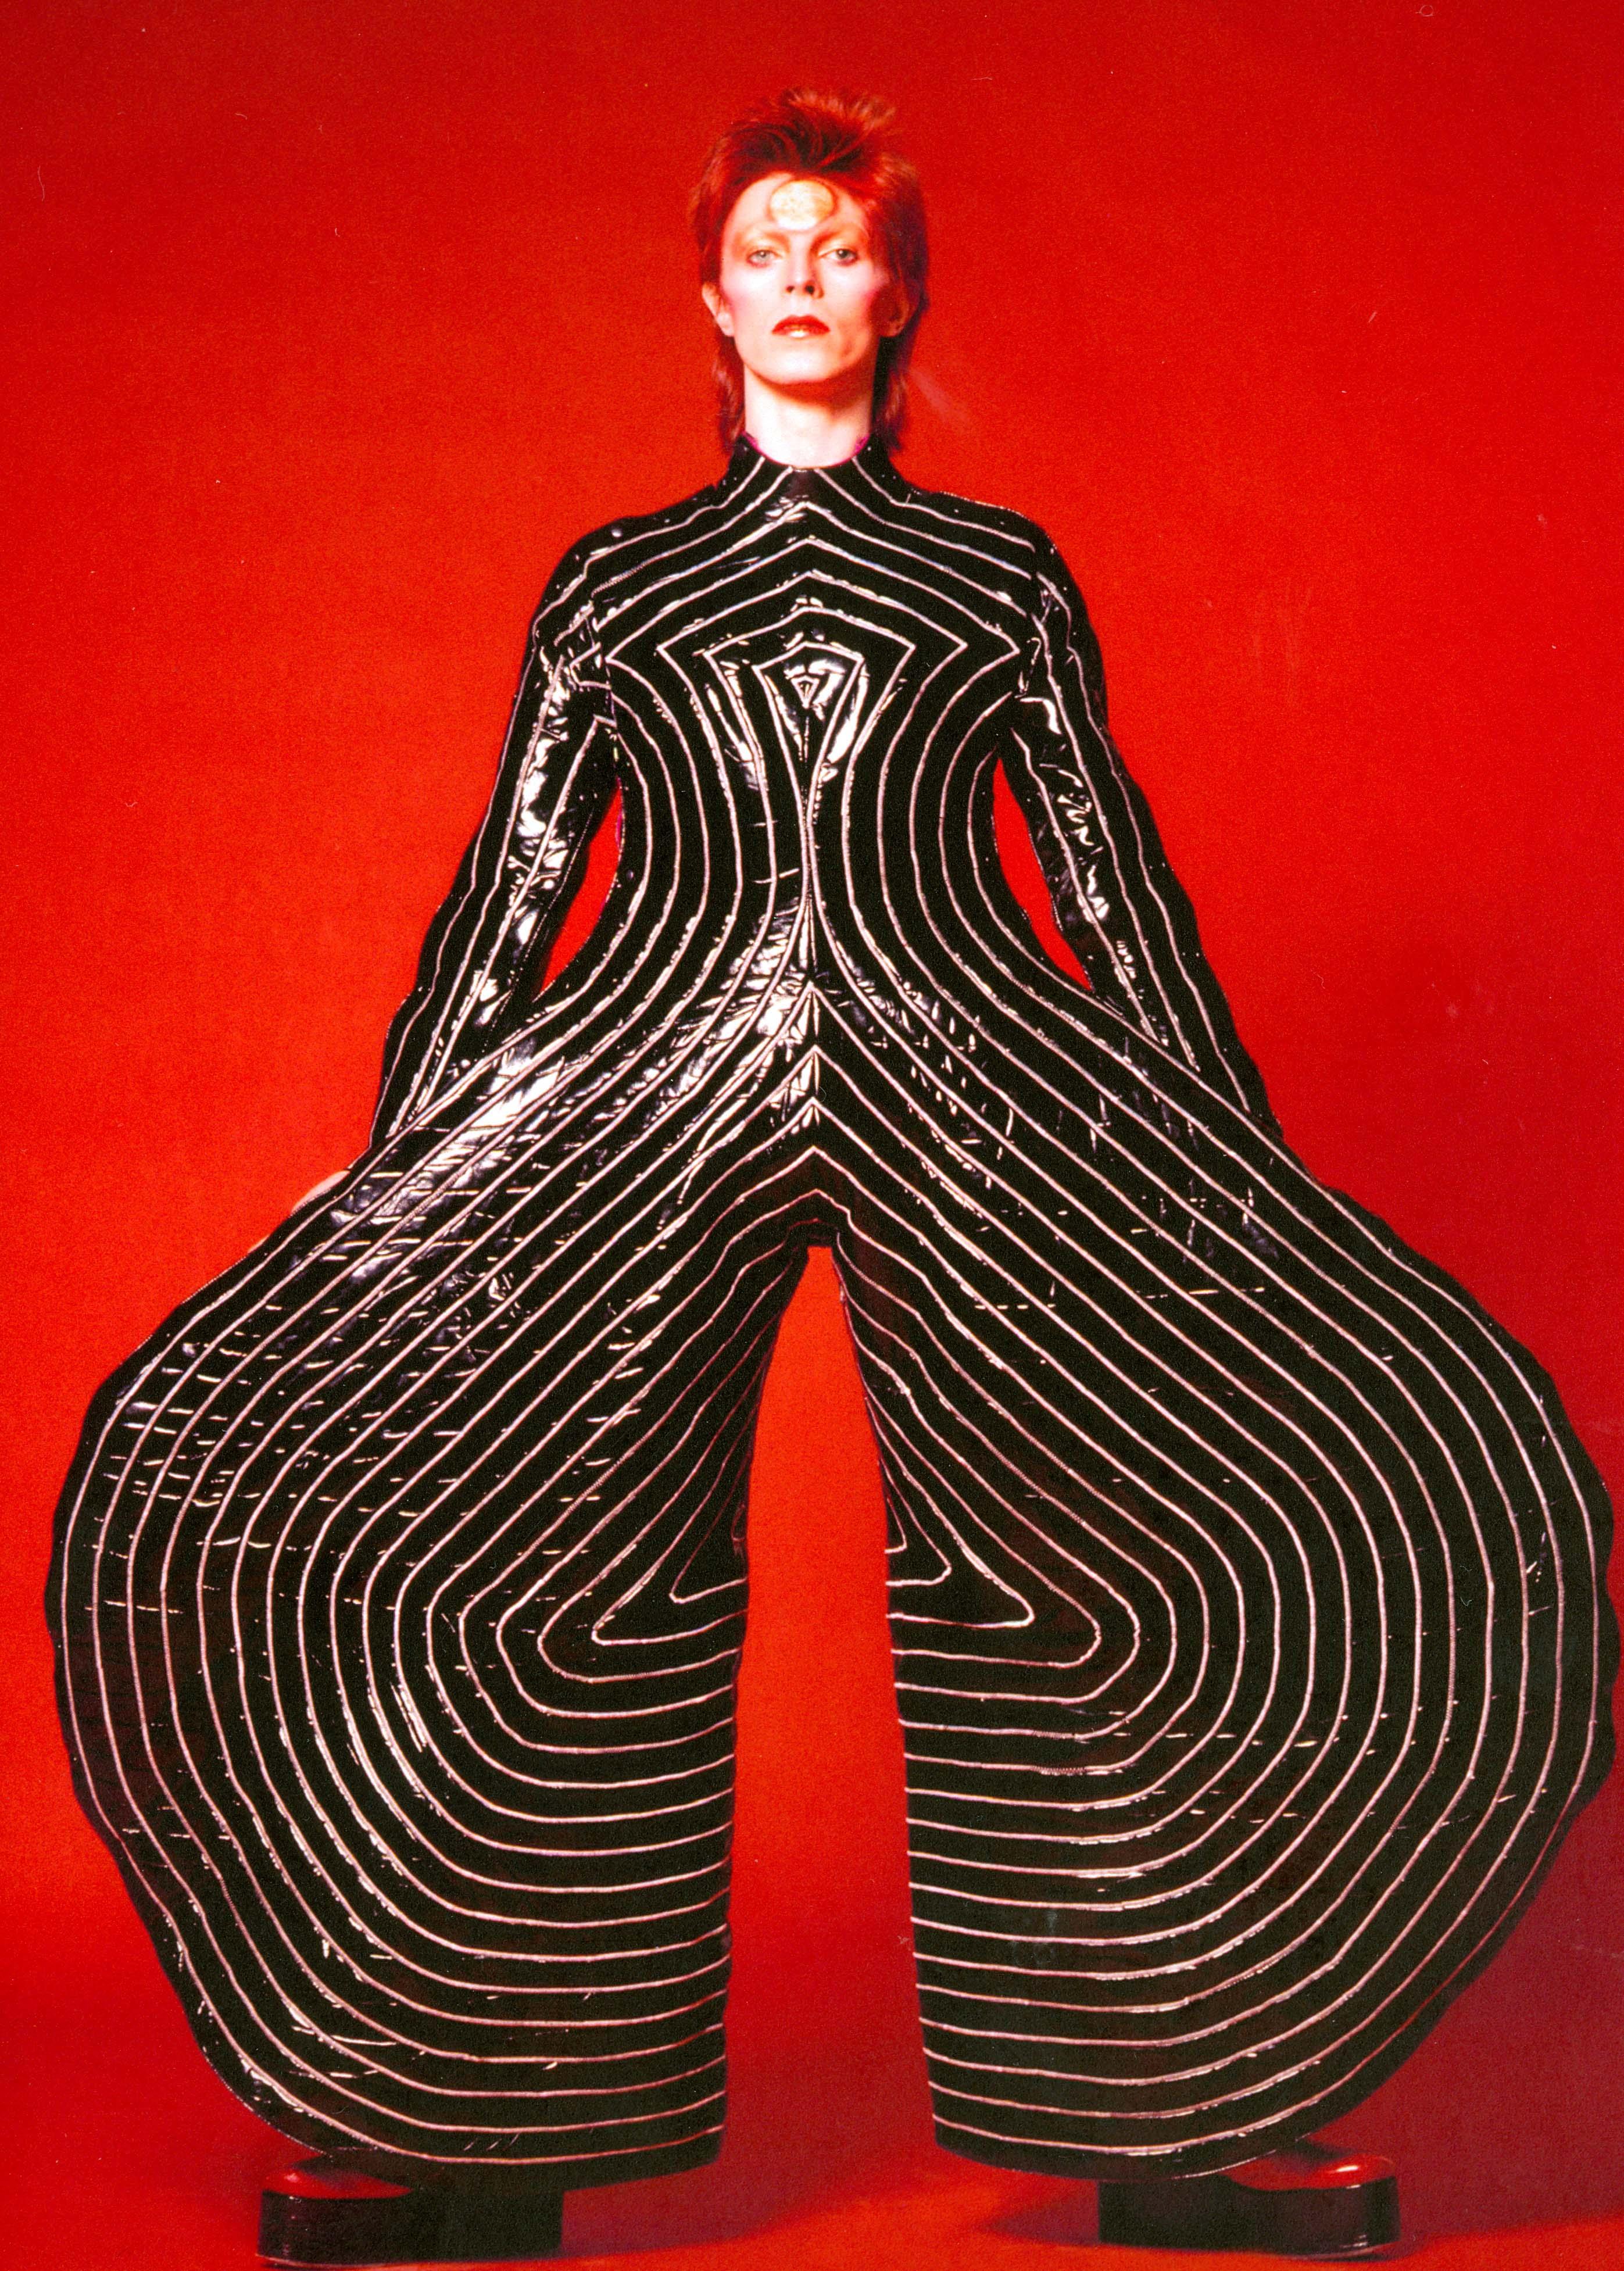 1_Striped_bodysuit_for_Aladdin_Sane_tour_1973_Design_by_Kansai_Yamamoto_Photograph_by_Masayoshi_Sukita__Sukita_The_David_Bowie_Archive_2012%5b1%5d